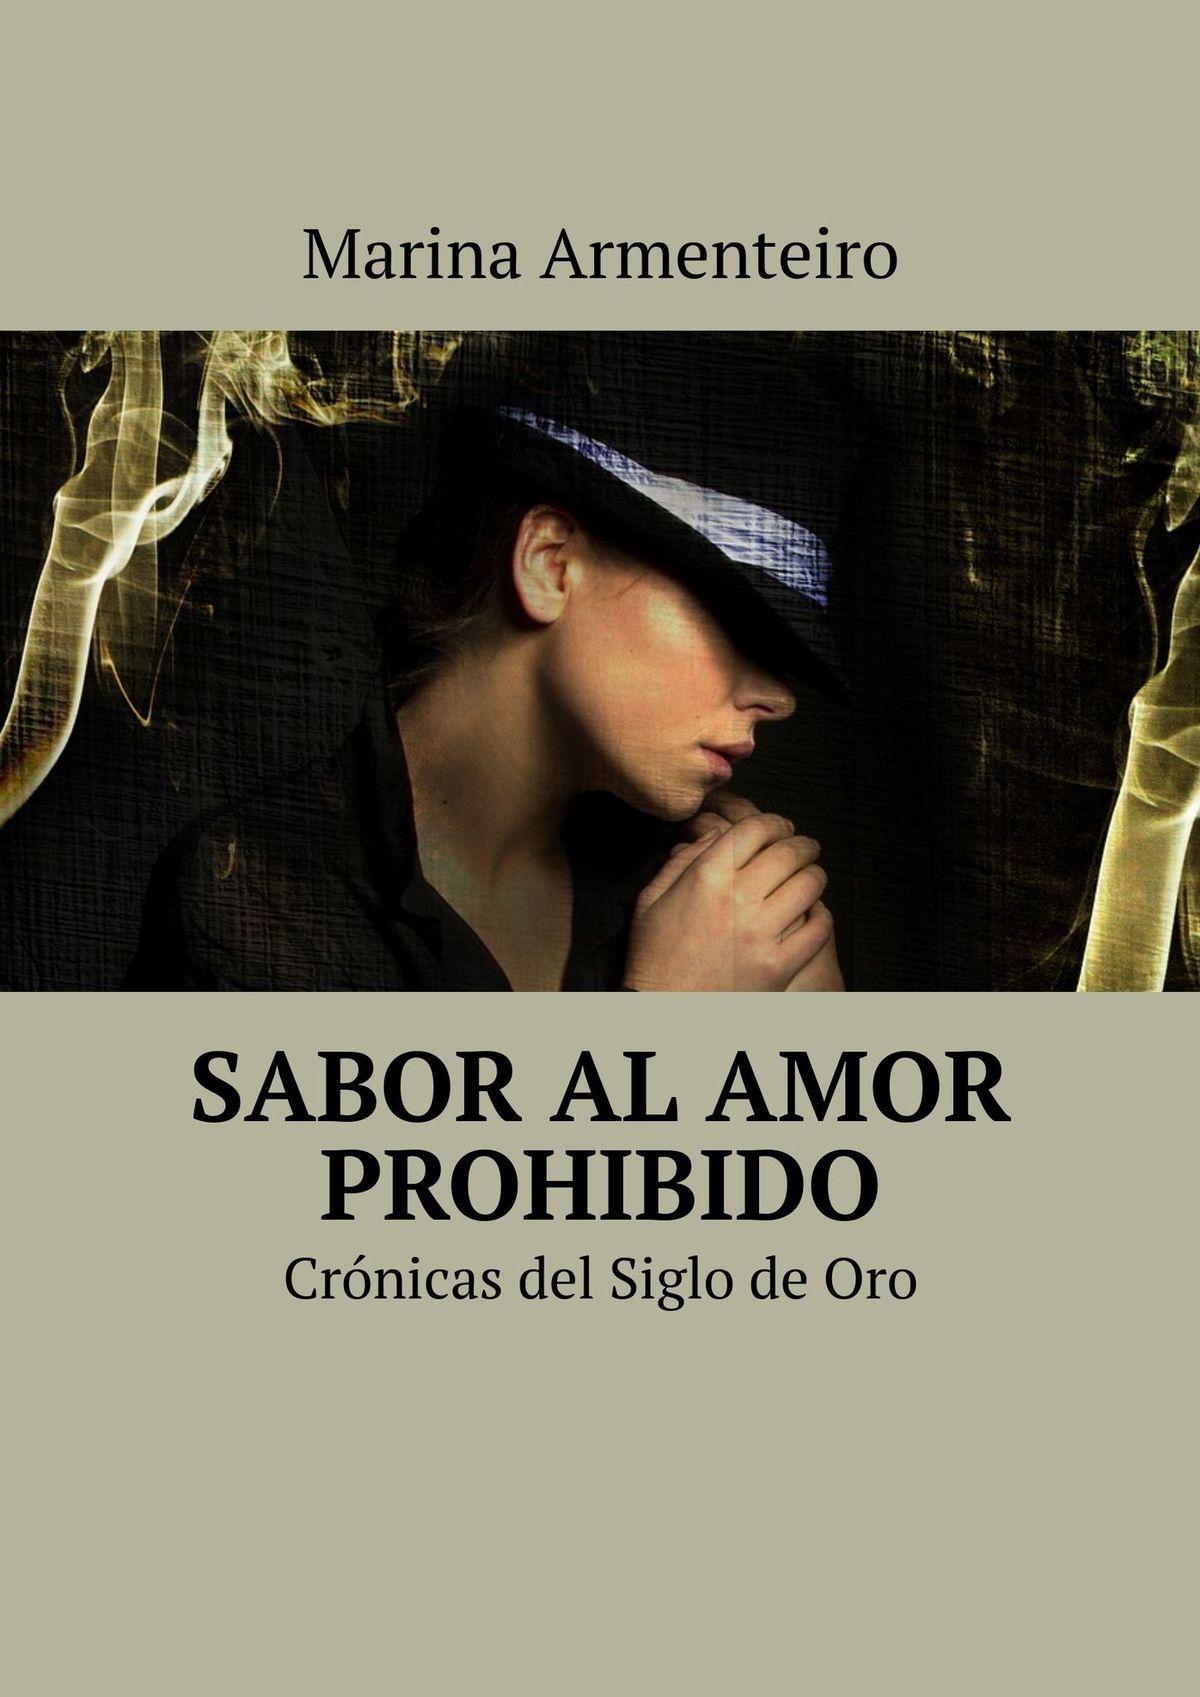 Marina Alexandrova Sabor al amor prohibido. Crónicas del siglo deOro